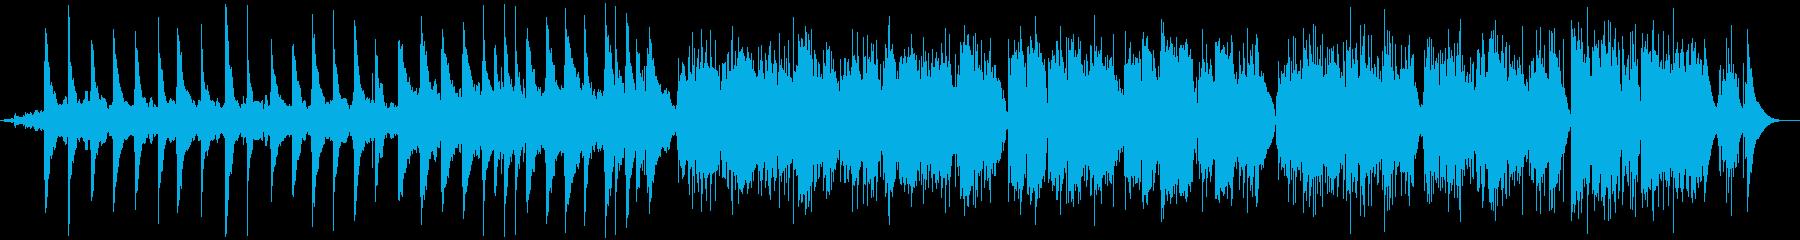 ギターと風鈴によるヒーリング曲の再生済みの波形